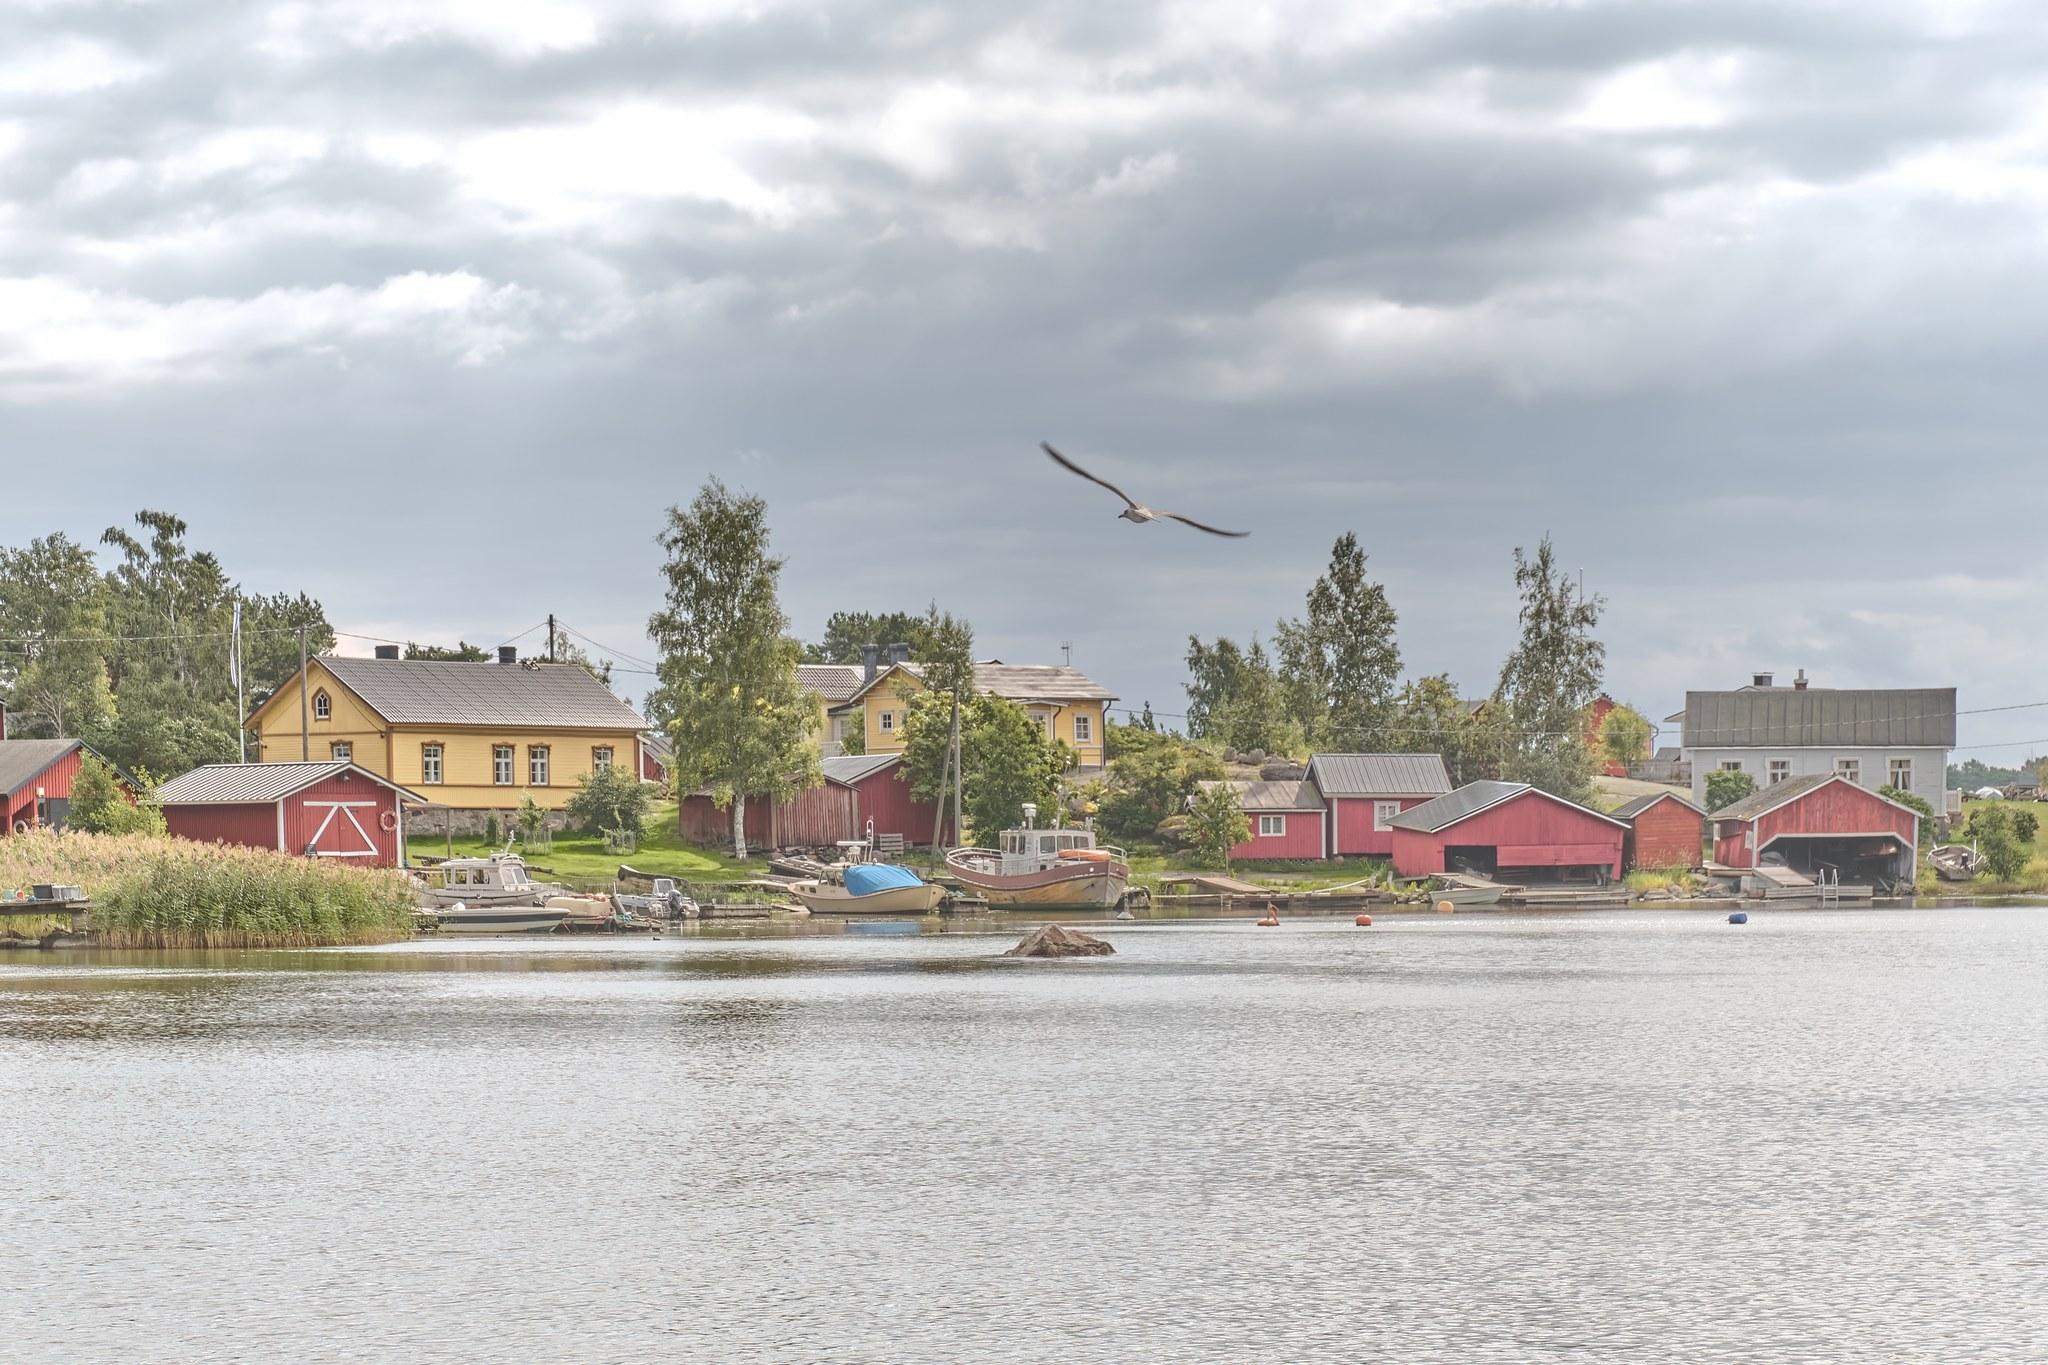 Kylänäkymä mereltä Haapasaaren kylään.